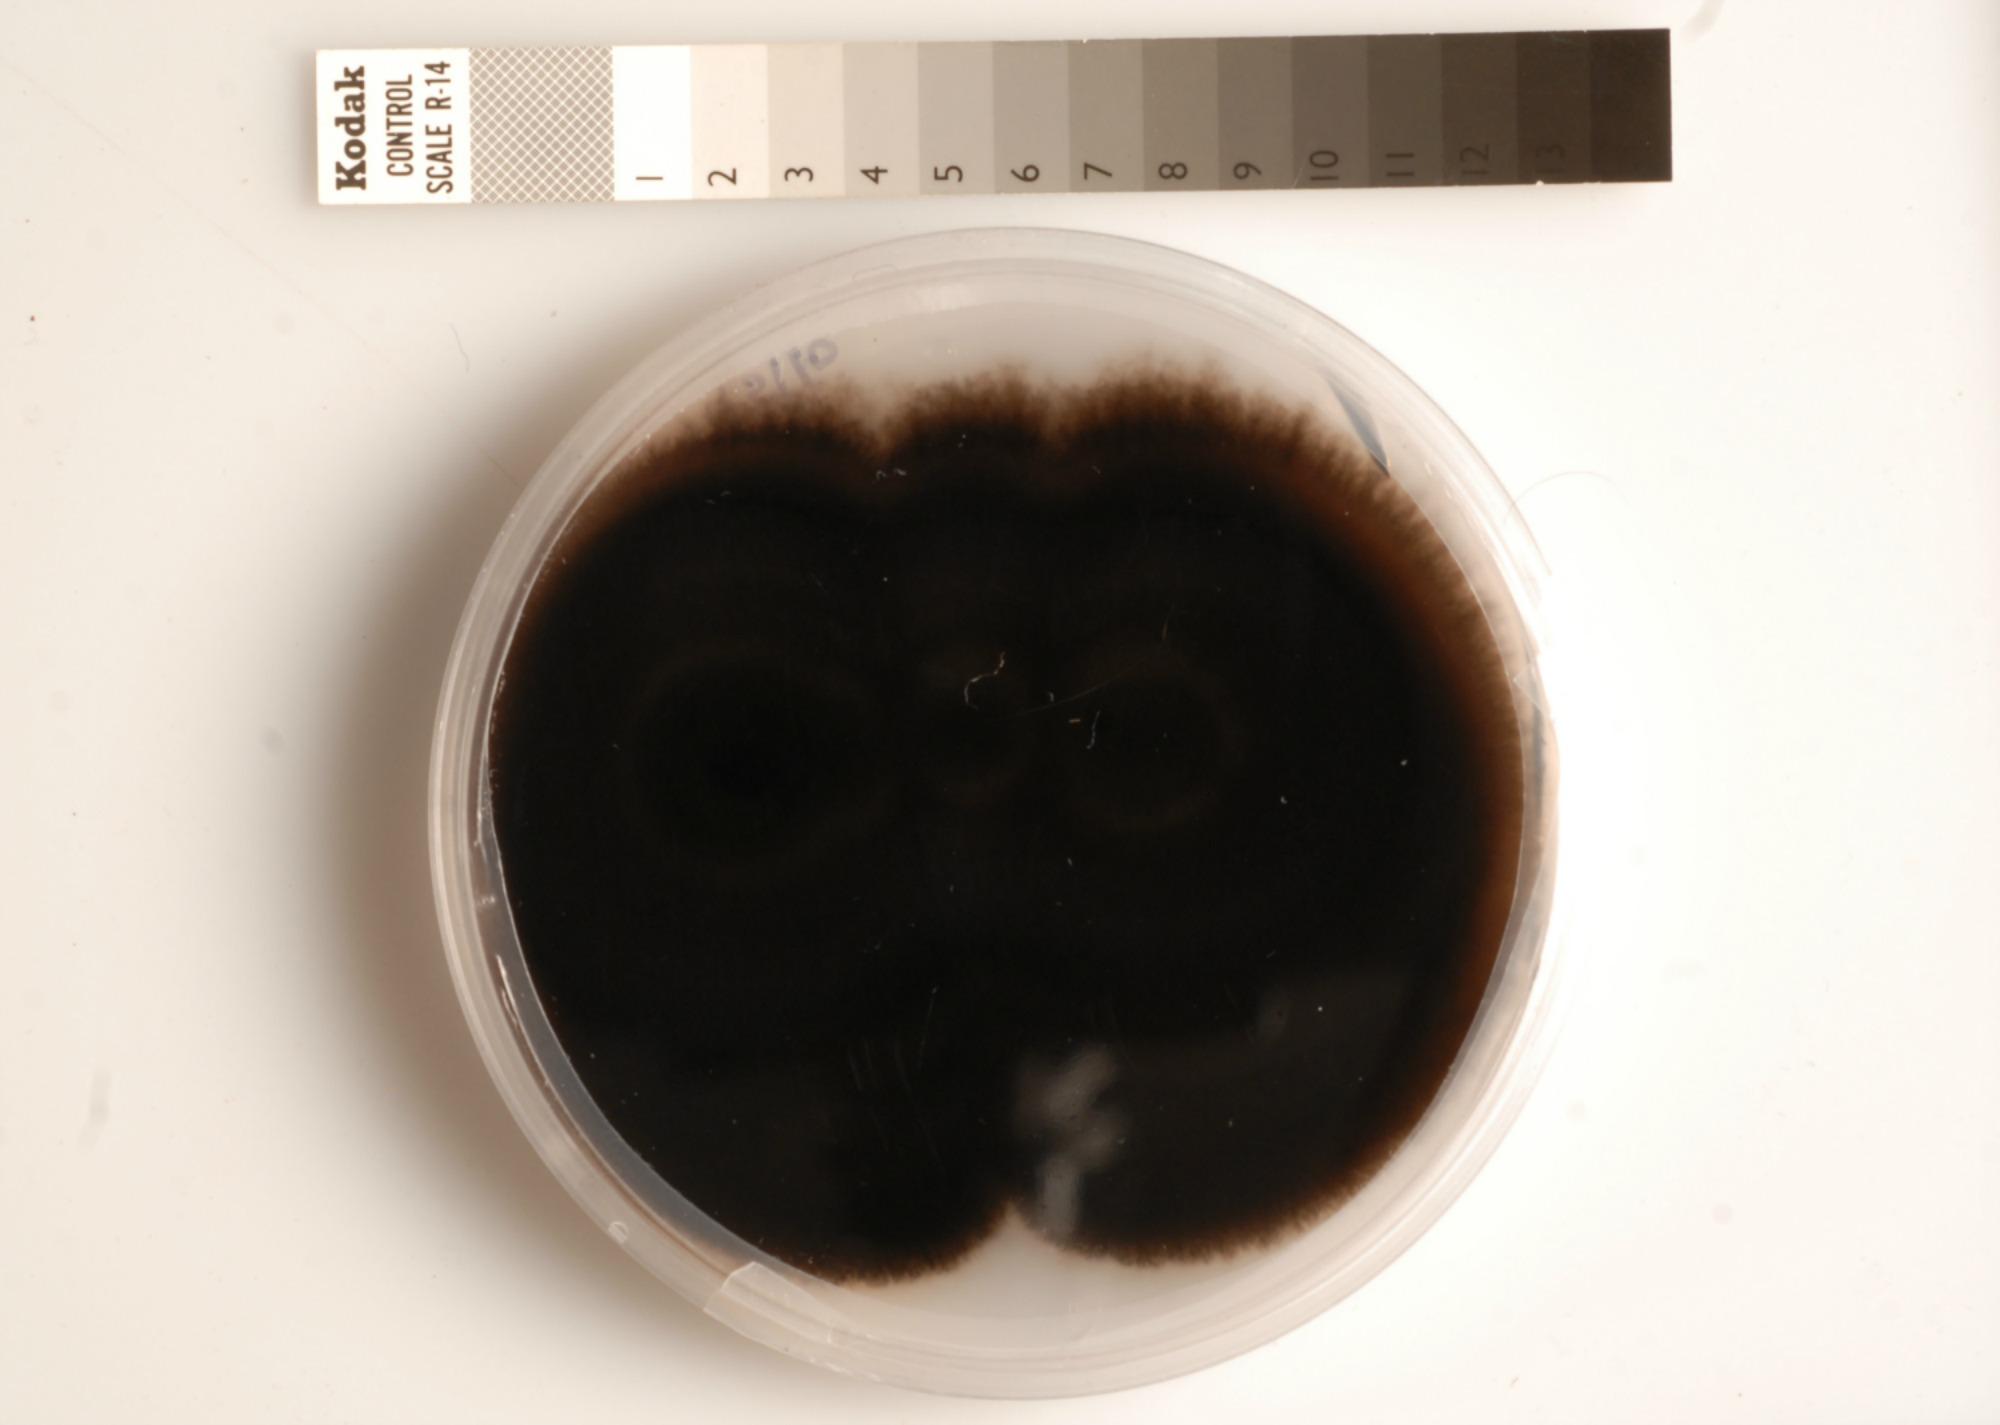 Melanised fungus growing on an agar plate